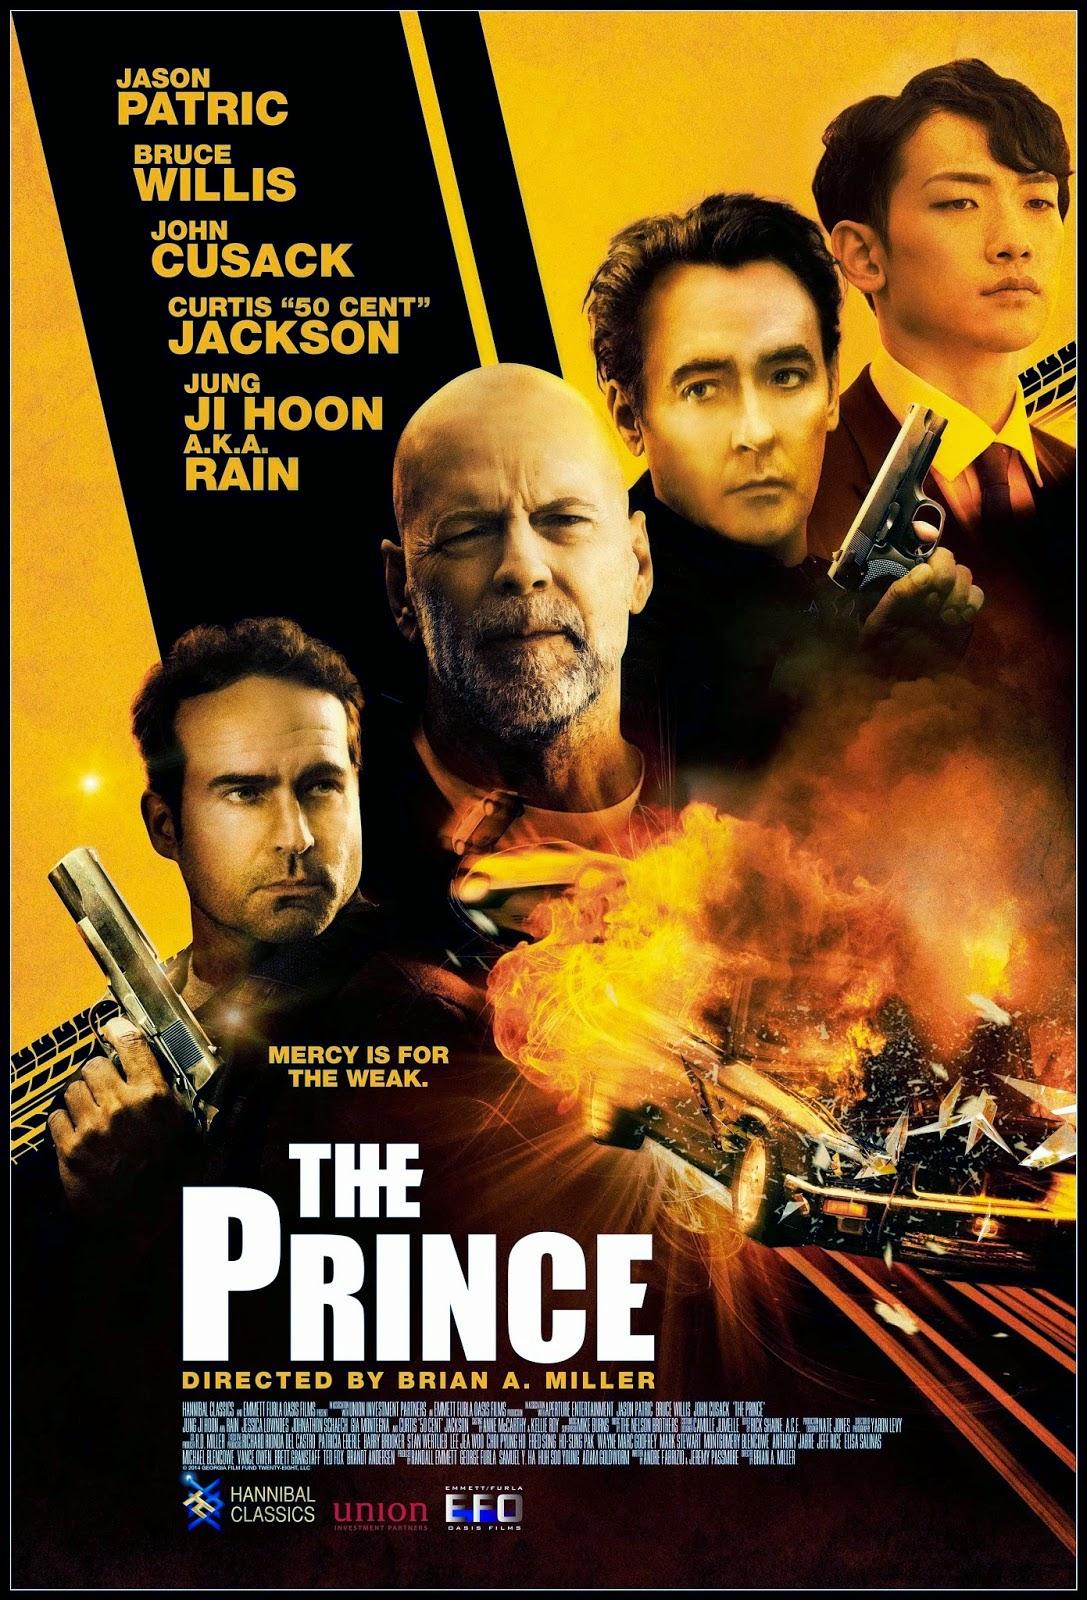 Filme O Príncipe Torrent – Dual Áudio WEB DL 720p (2014)